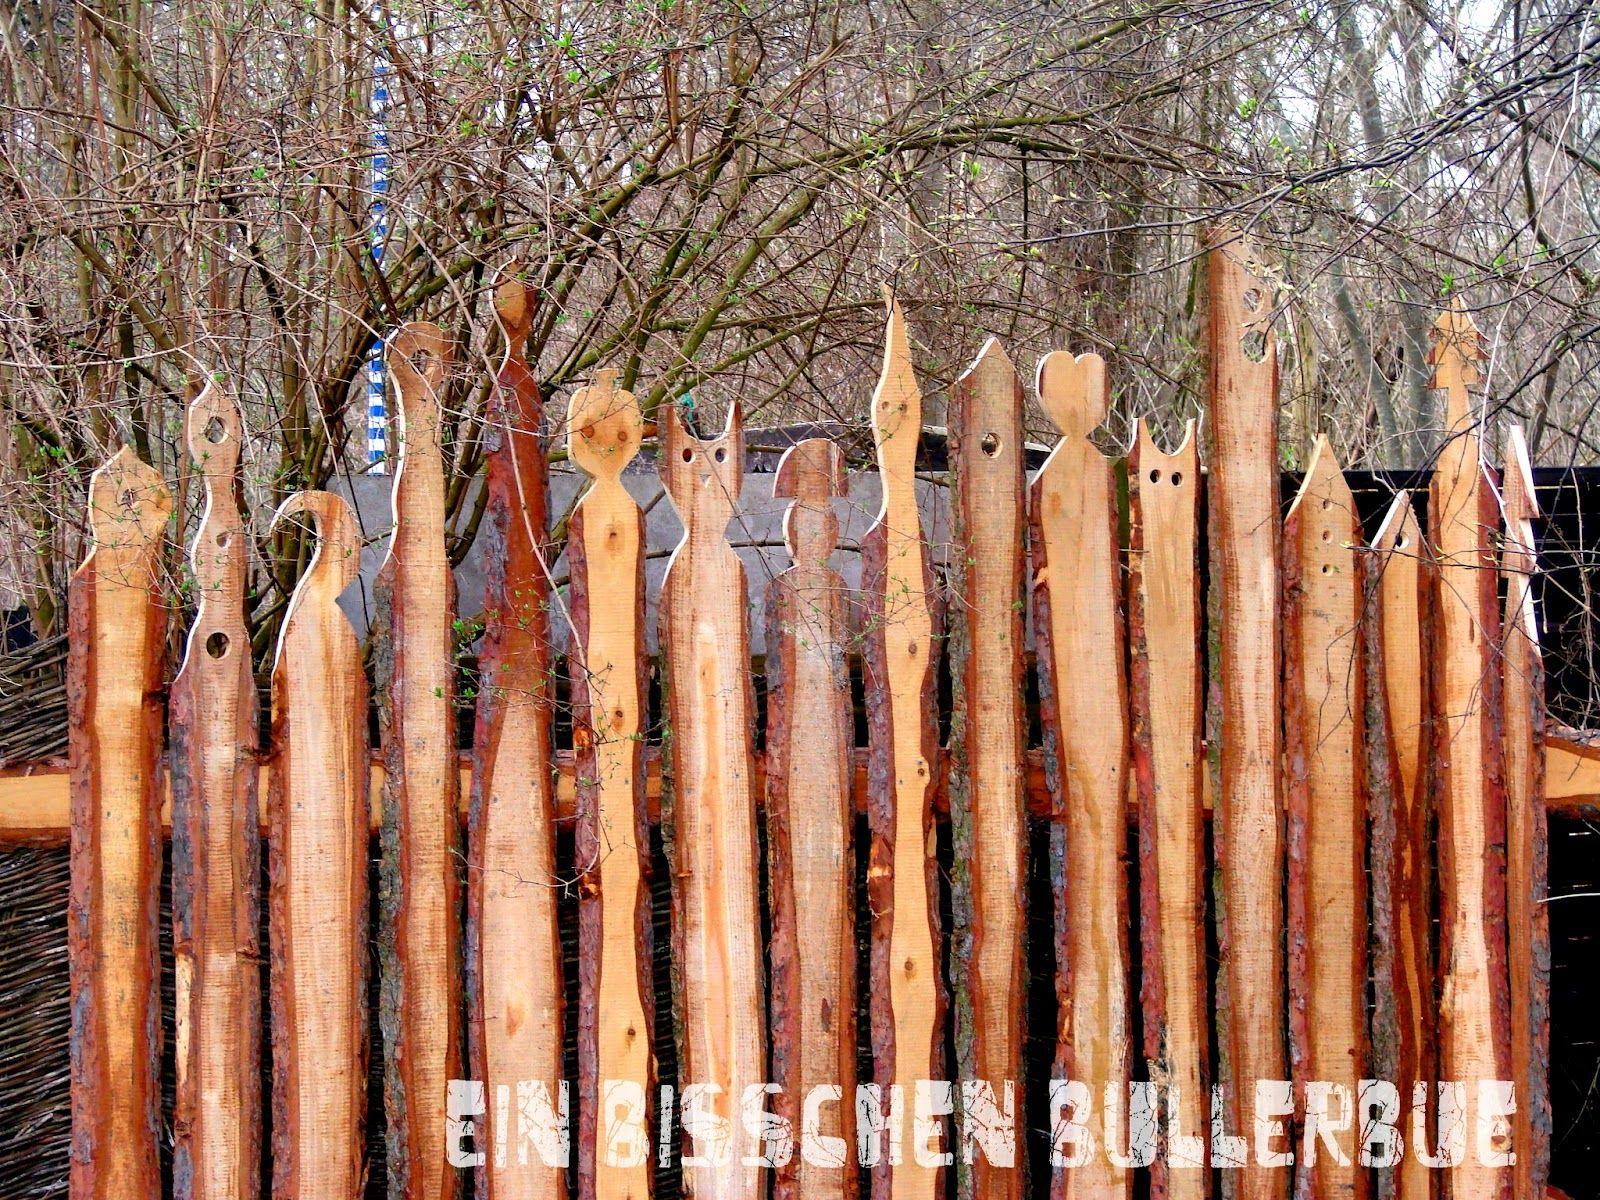 Schablonen für Zaunköpfe | Fences, Gardens and Garten